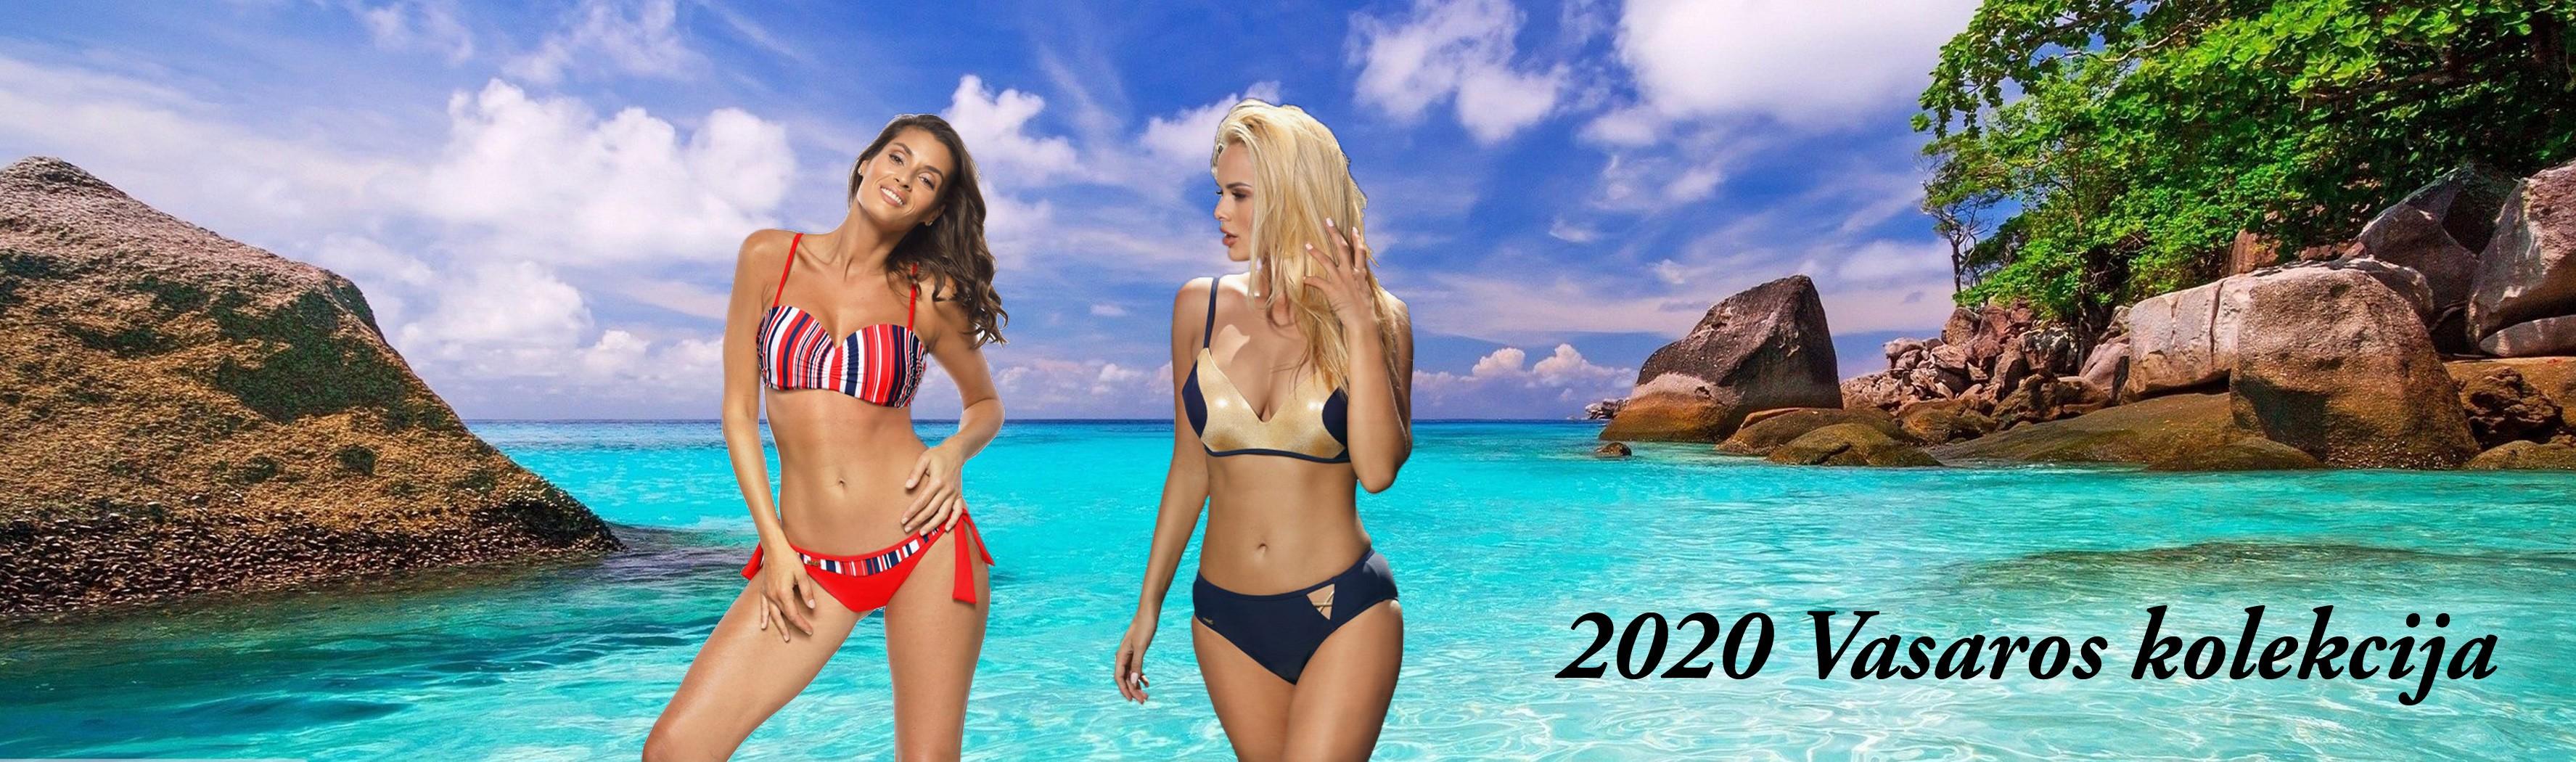 2020 vasaros maudymosi kostiumėlių kolekcija.